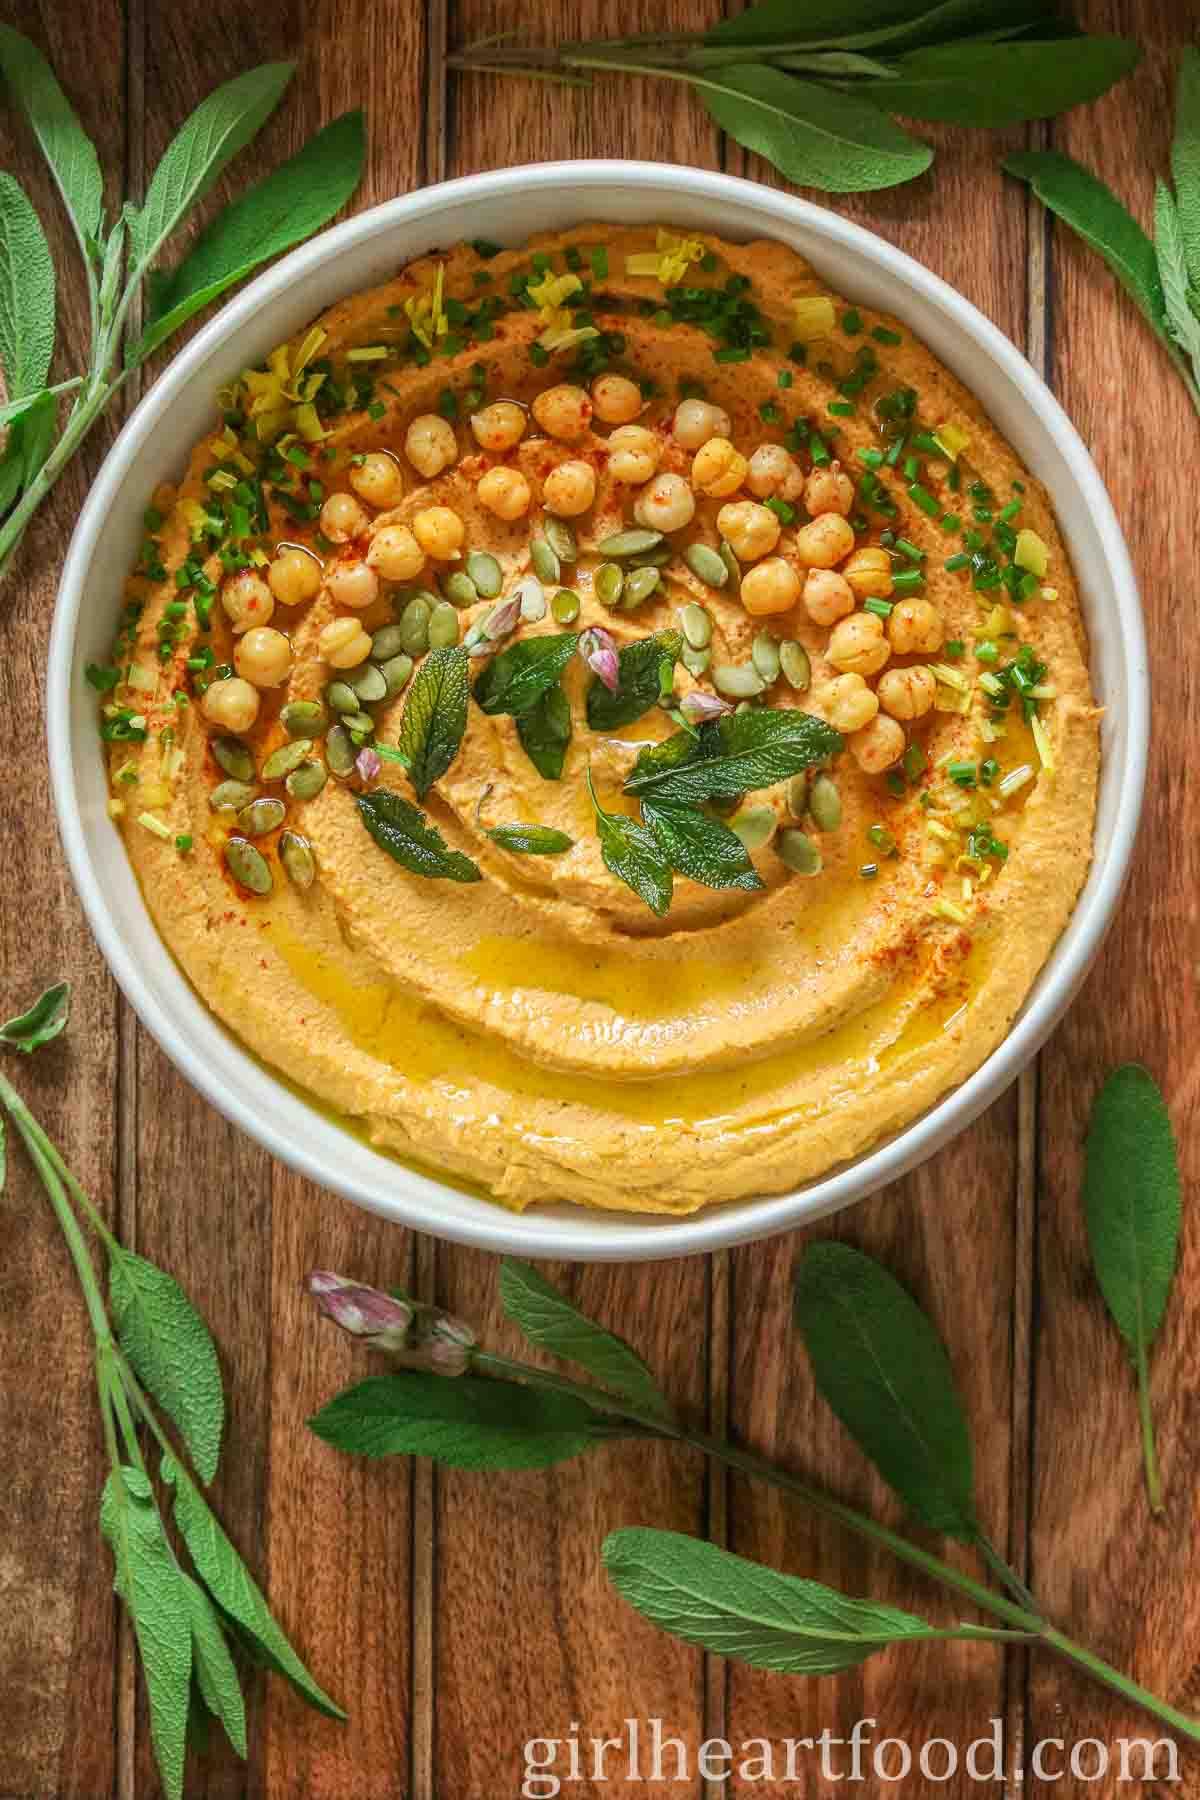 Round dish of garnished pumpkin-flavoured hummus alongside fresh sage.